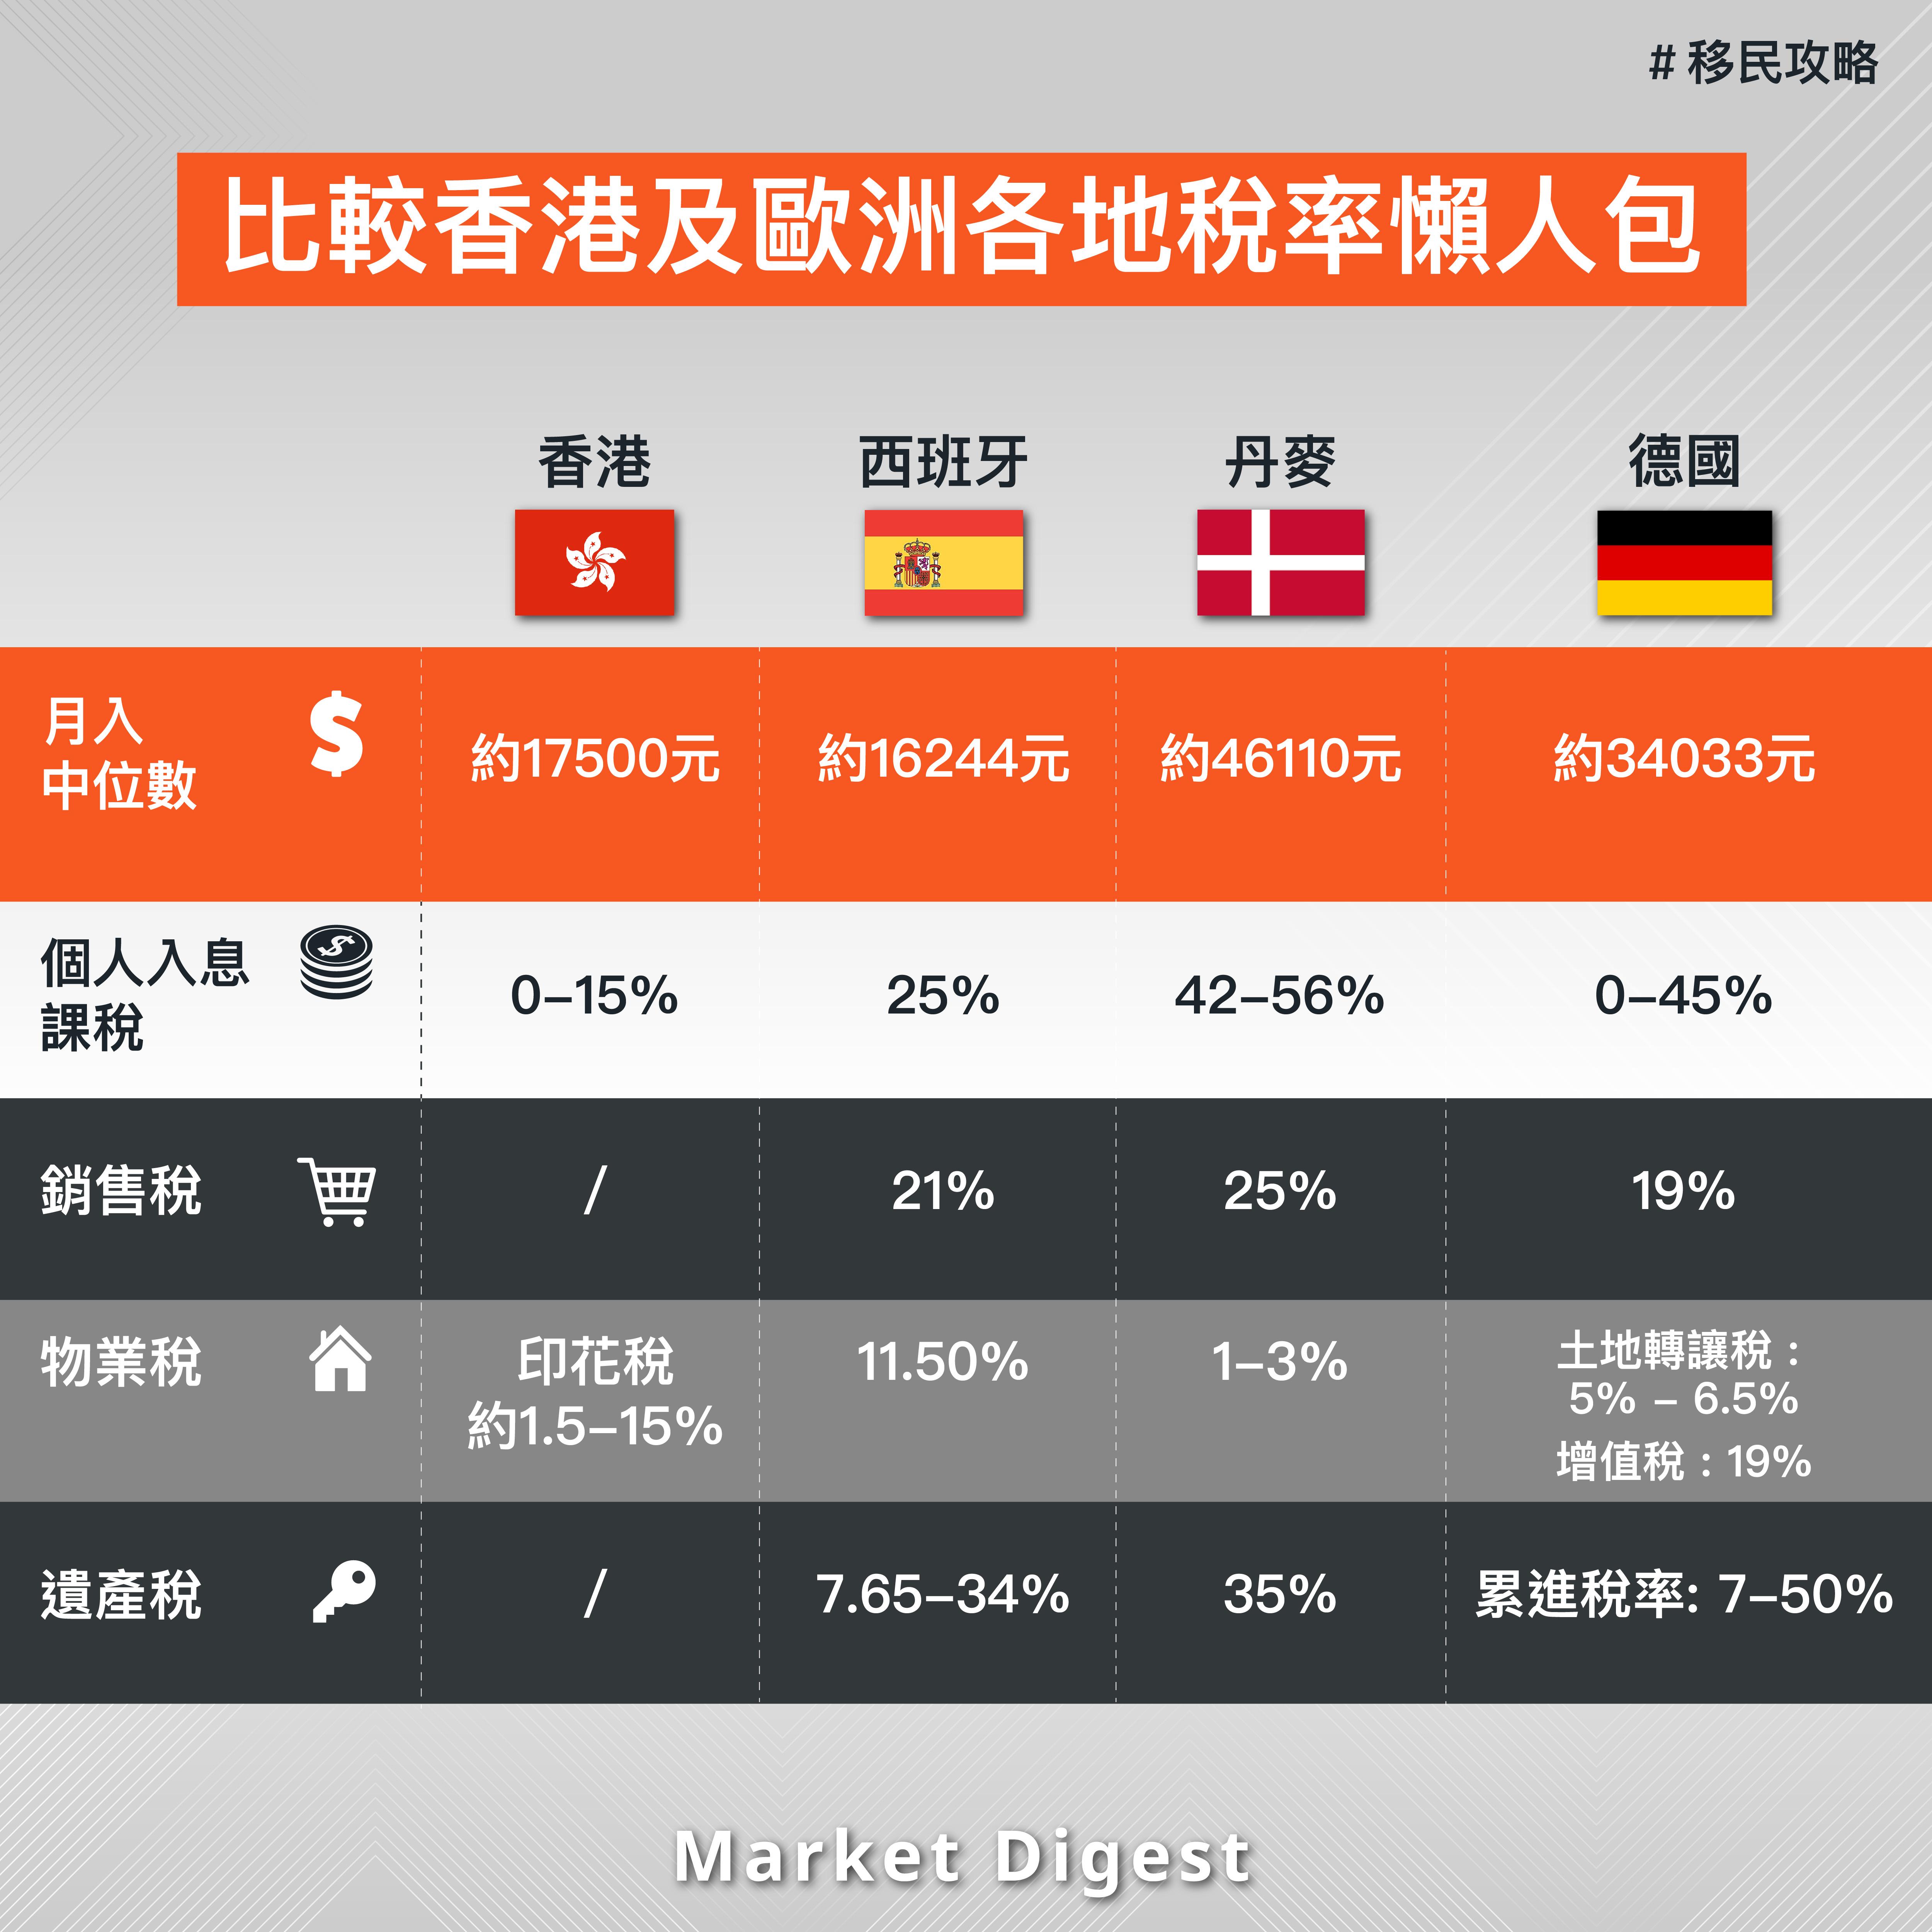 【移民攻略】比較香港及歐洲各地稅率懶人包